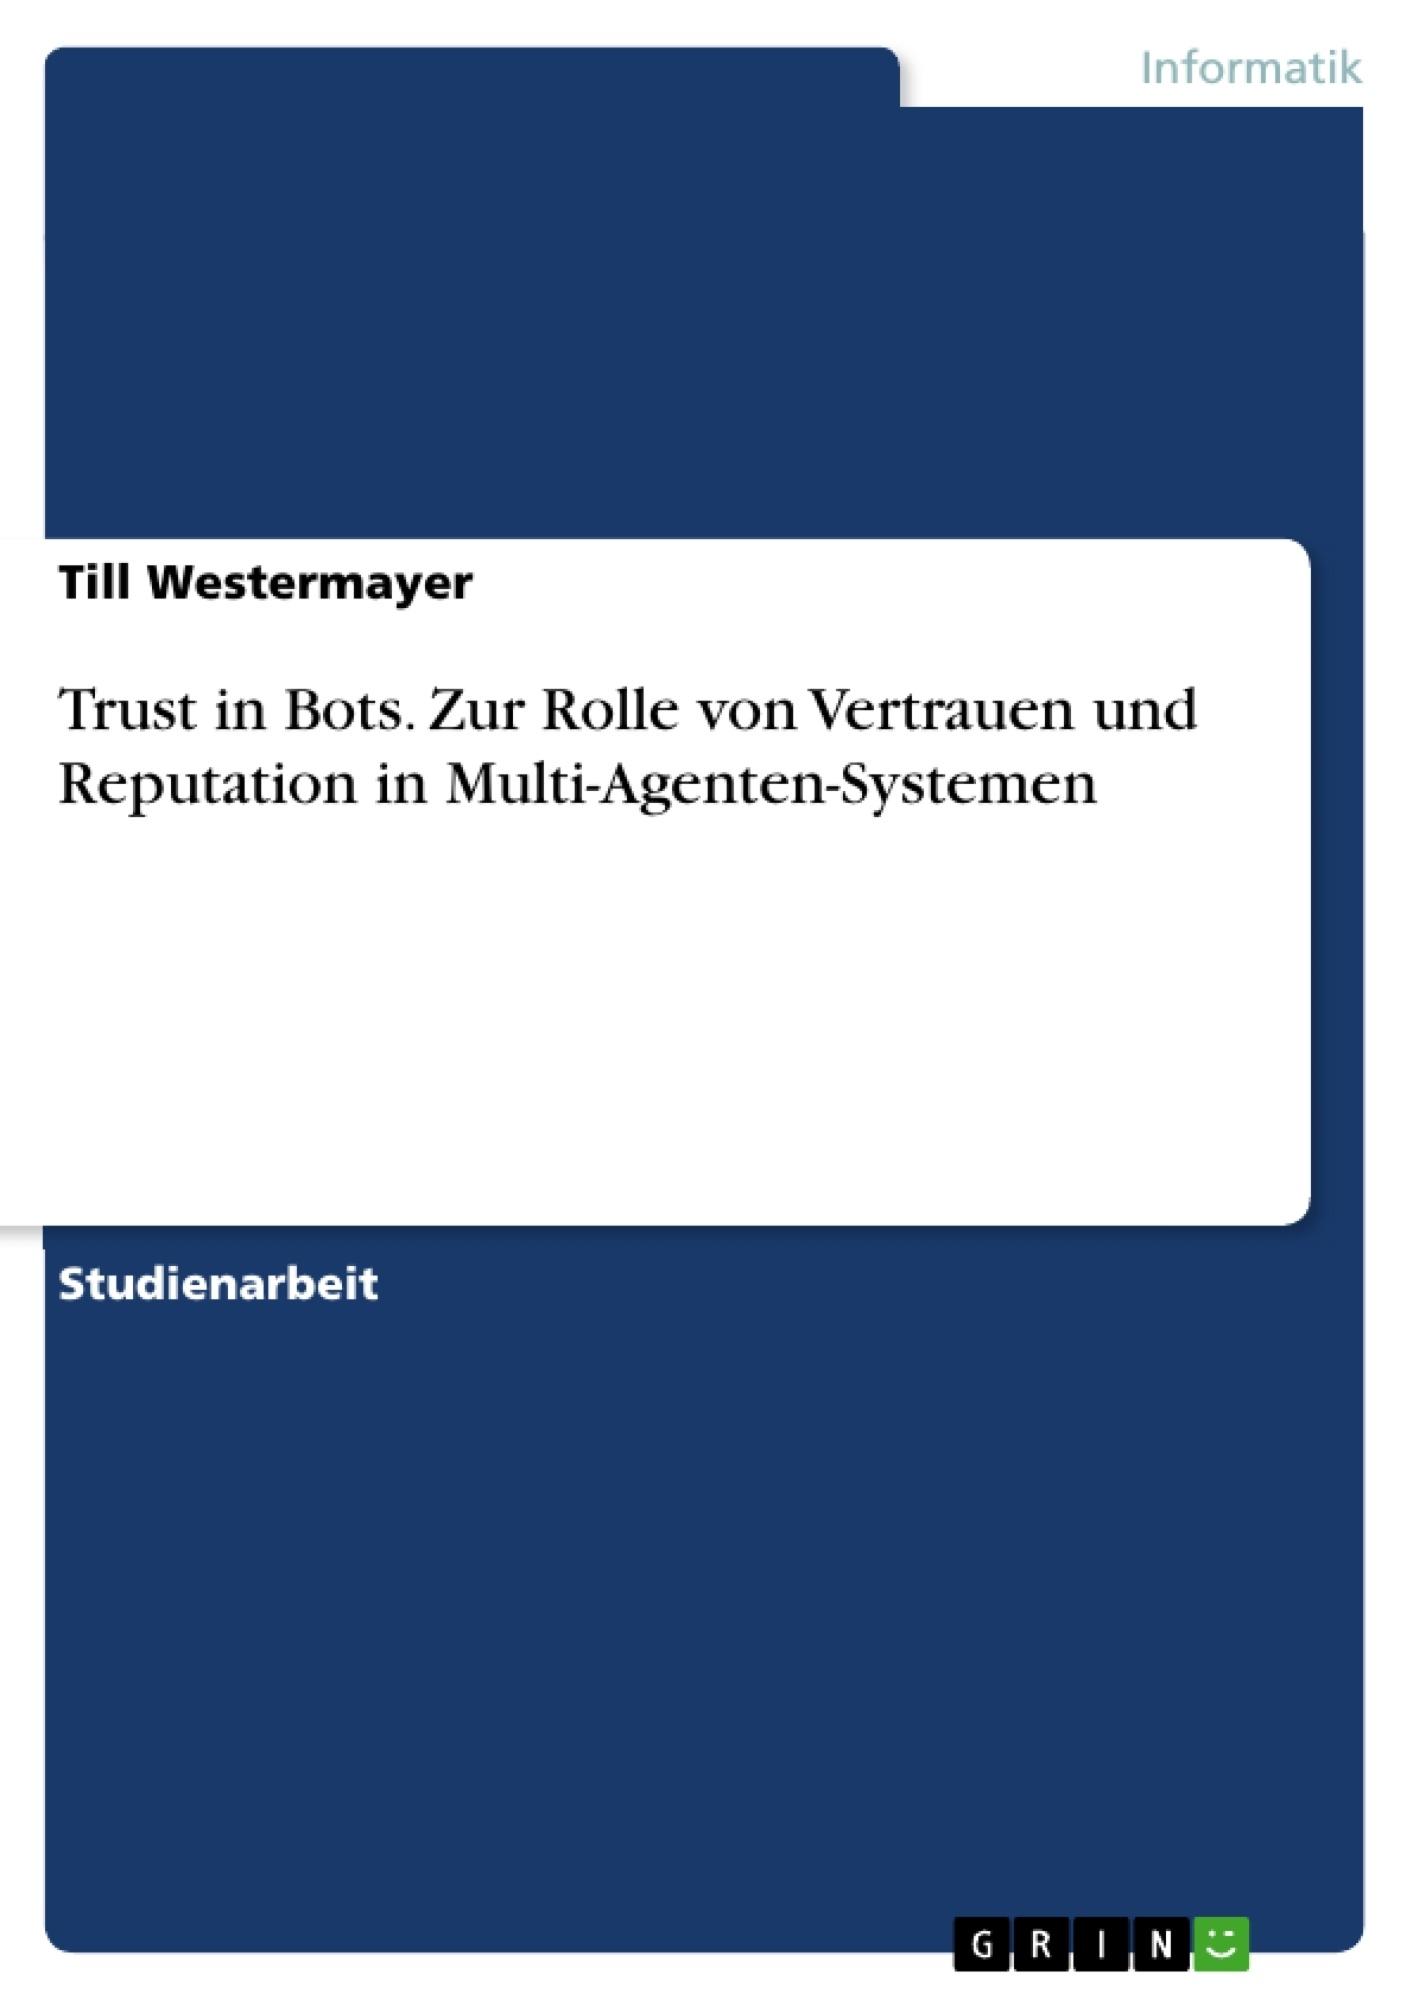 Titel: Trust in Bots. Zur Rolle von Vertrauen und Reputation in Multi-Agenten-Systemen